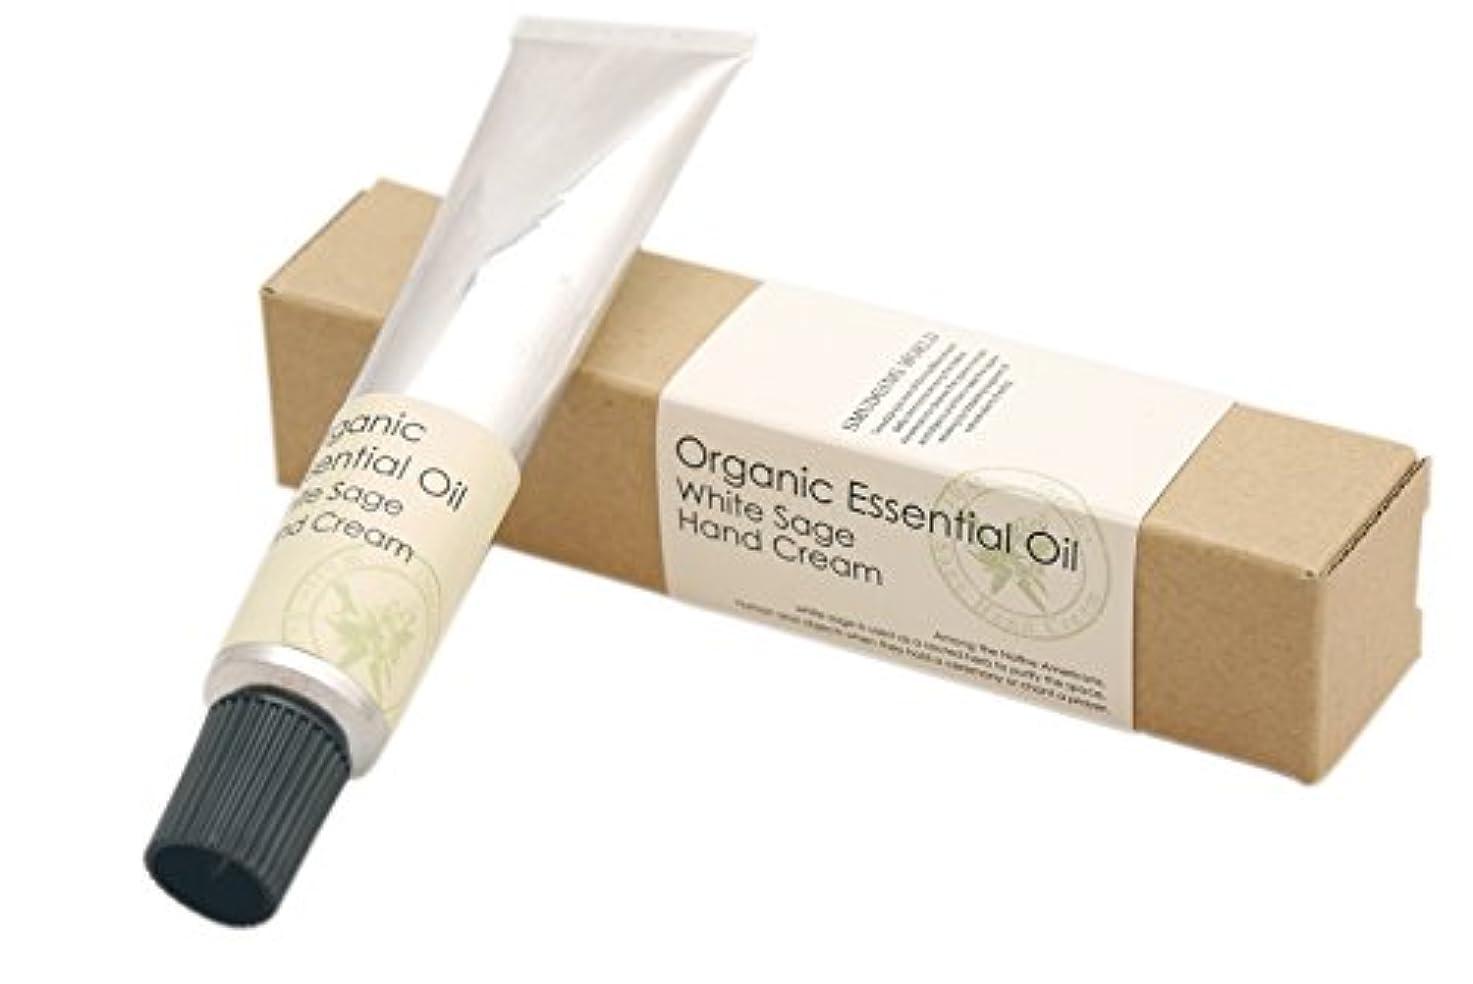 農学いつも電子レンジアロマレコルト ハンドクリーム ホワイトセージ 【White Sage】 オーガニック エッセンシャルオイル organic essential oil hand cream arome recolte